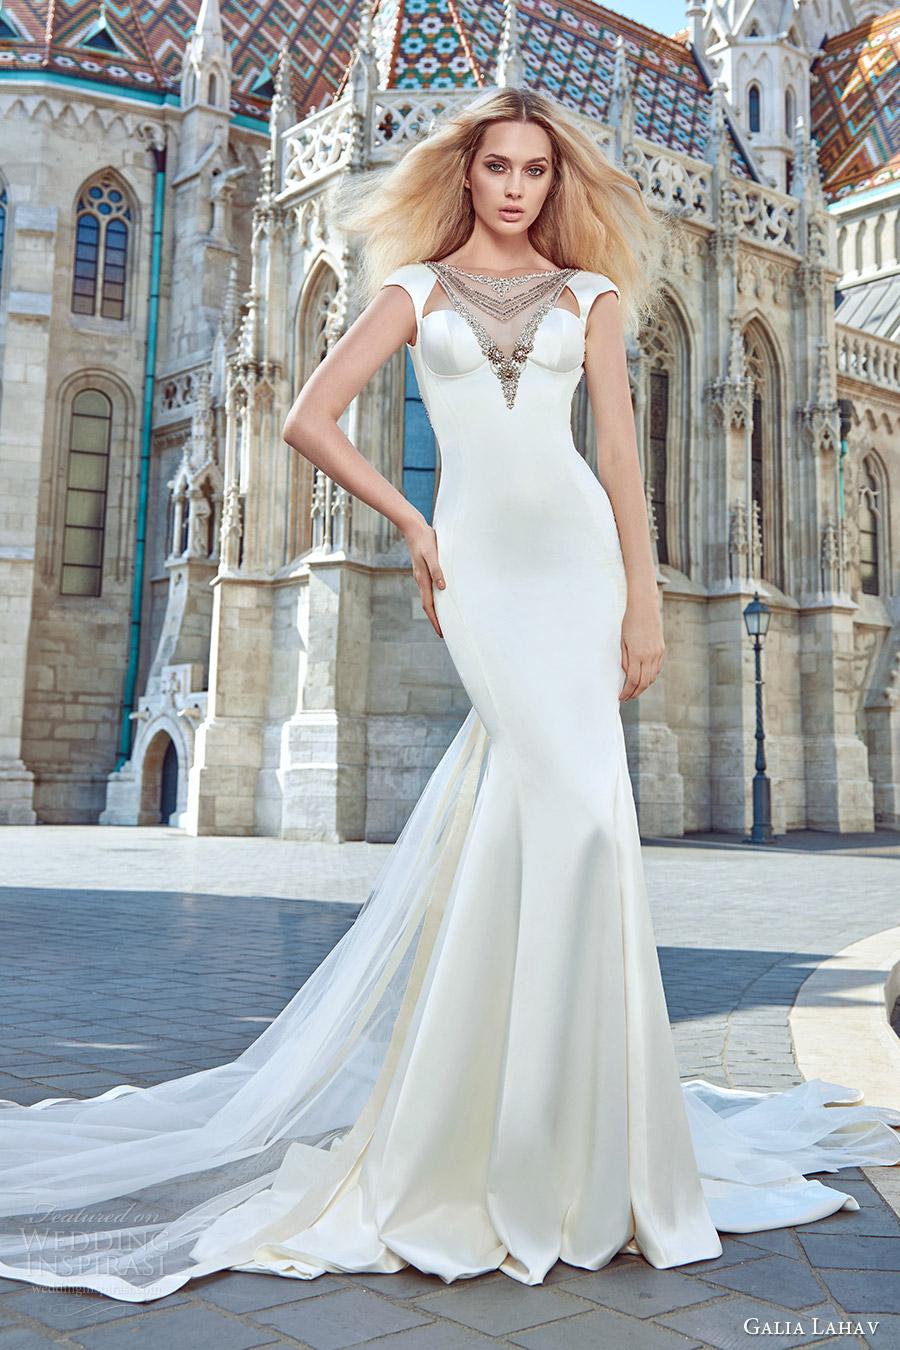 Ysa Makino Wedding Dress 40 Superb galia lahav fall bridal